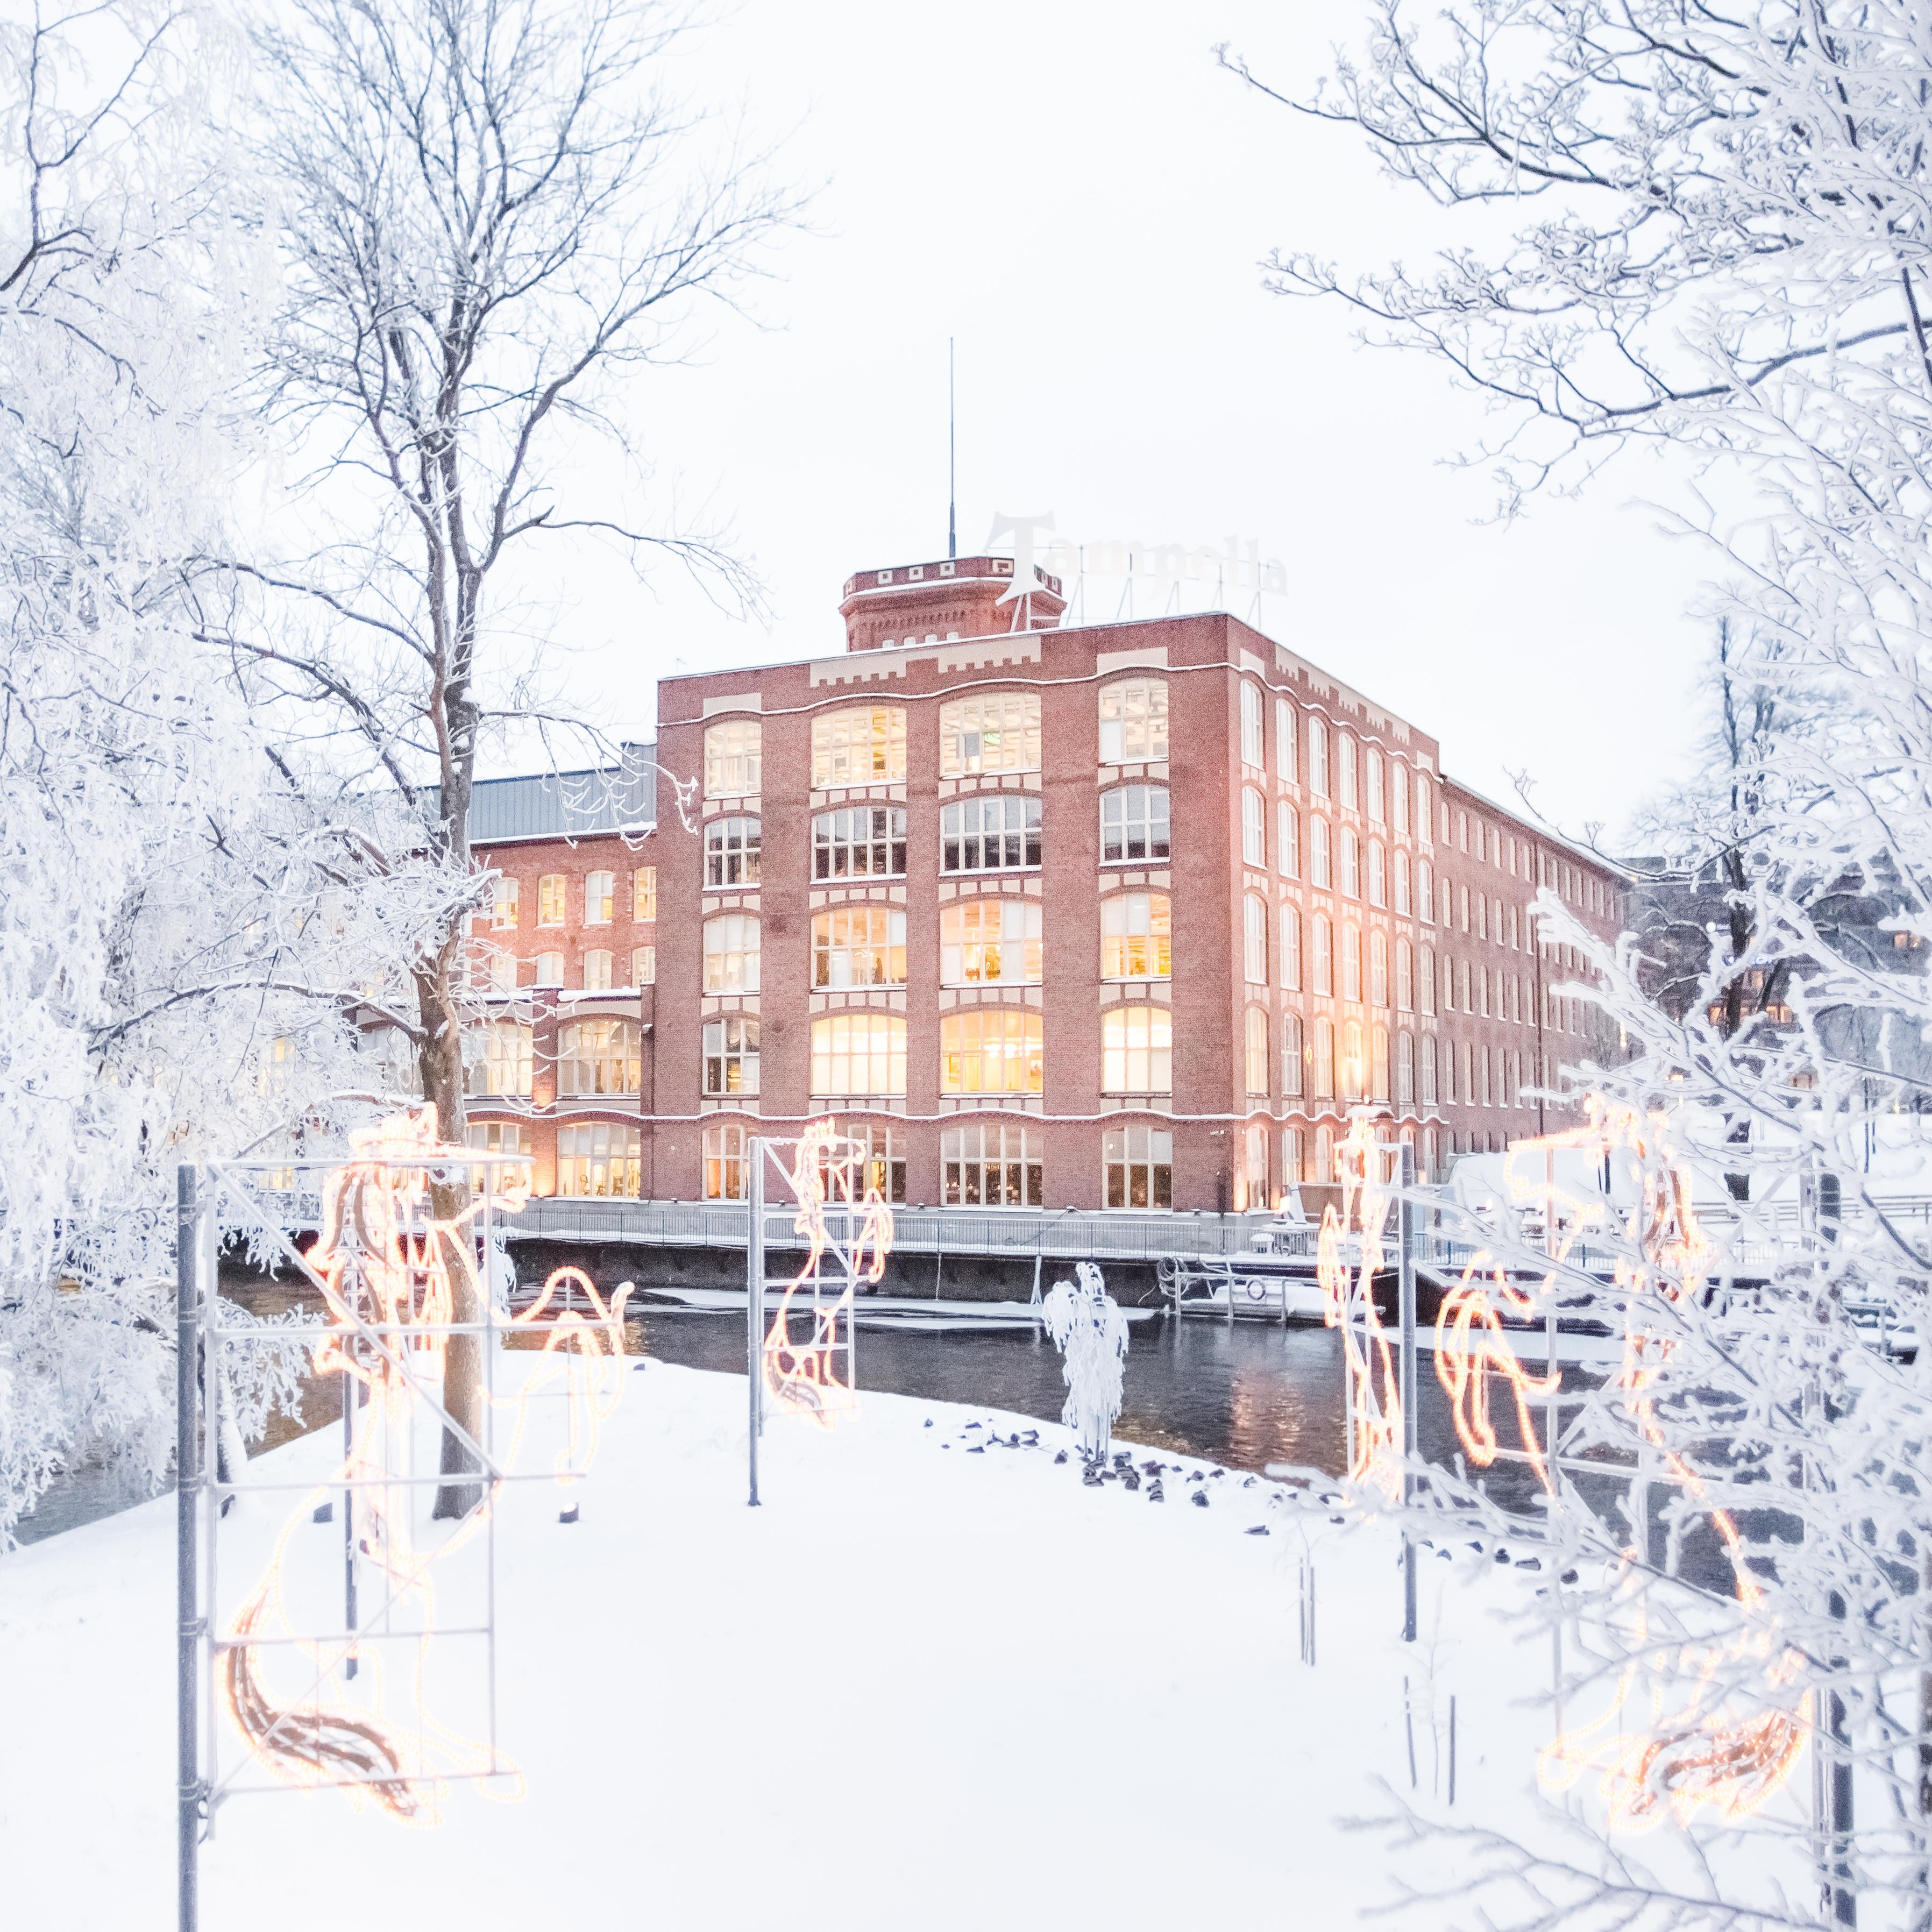 Hevosen muotoisia valokuvioita lumisessa Konsulinsaaressa. Taustalla Tampellan rakennus.